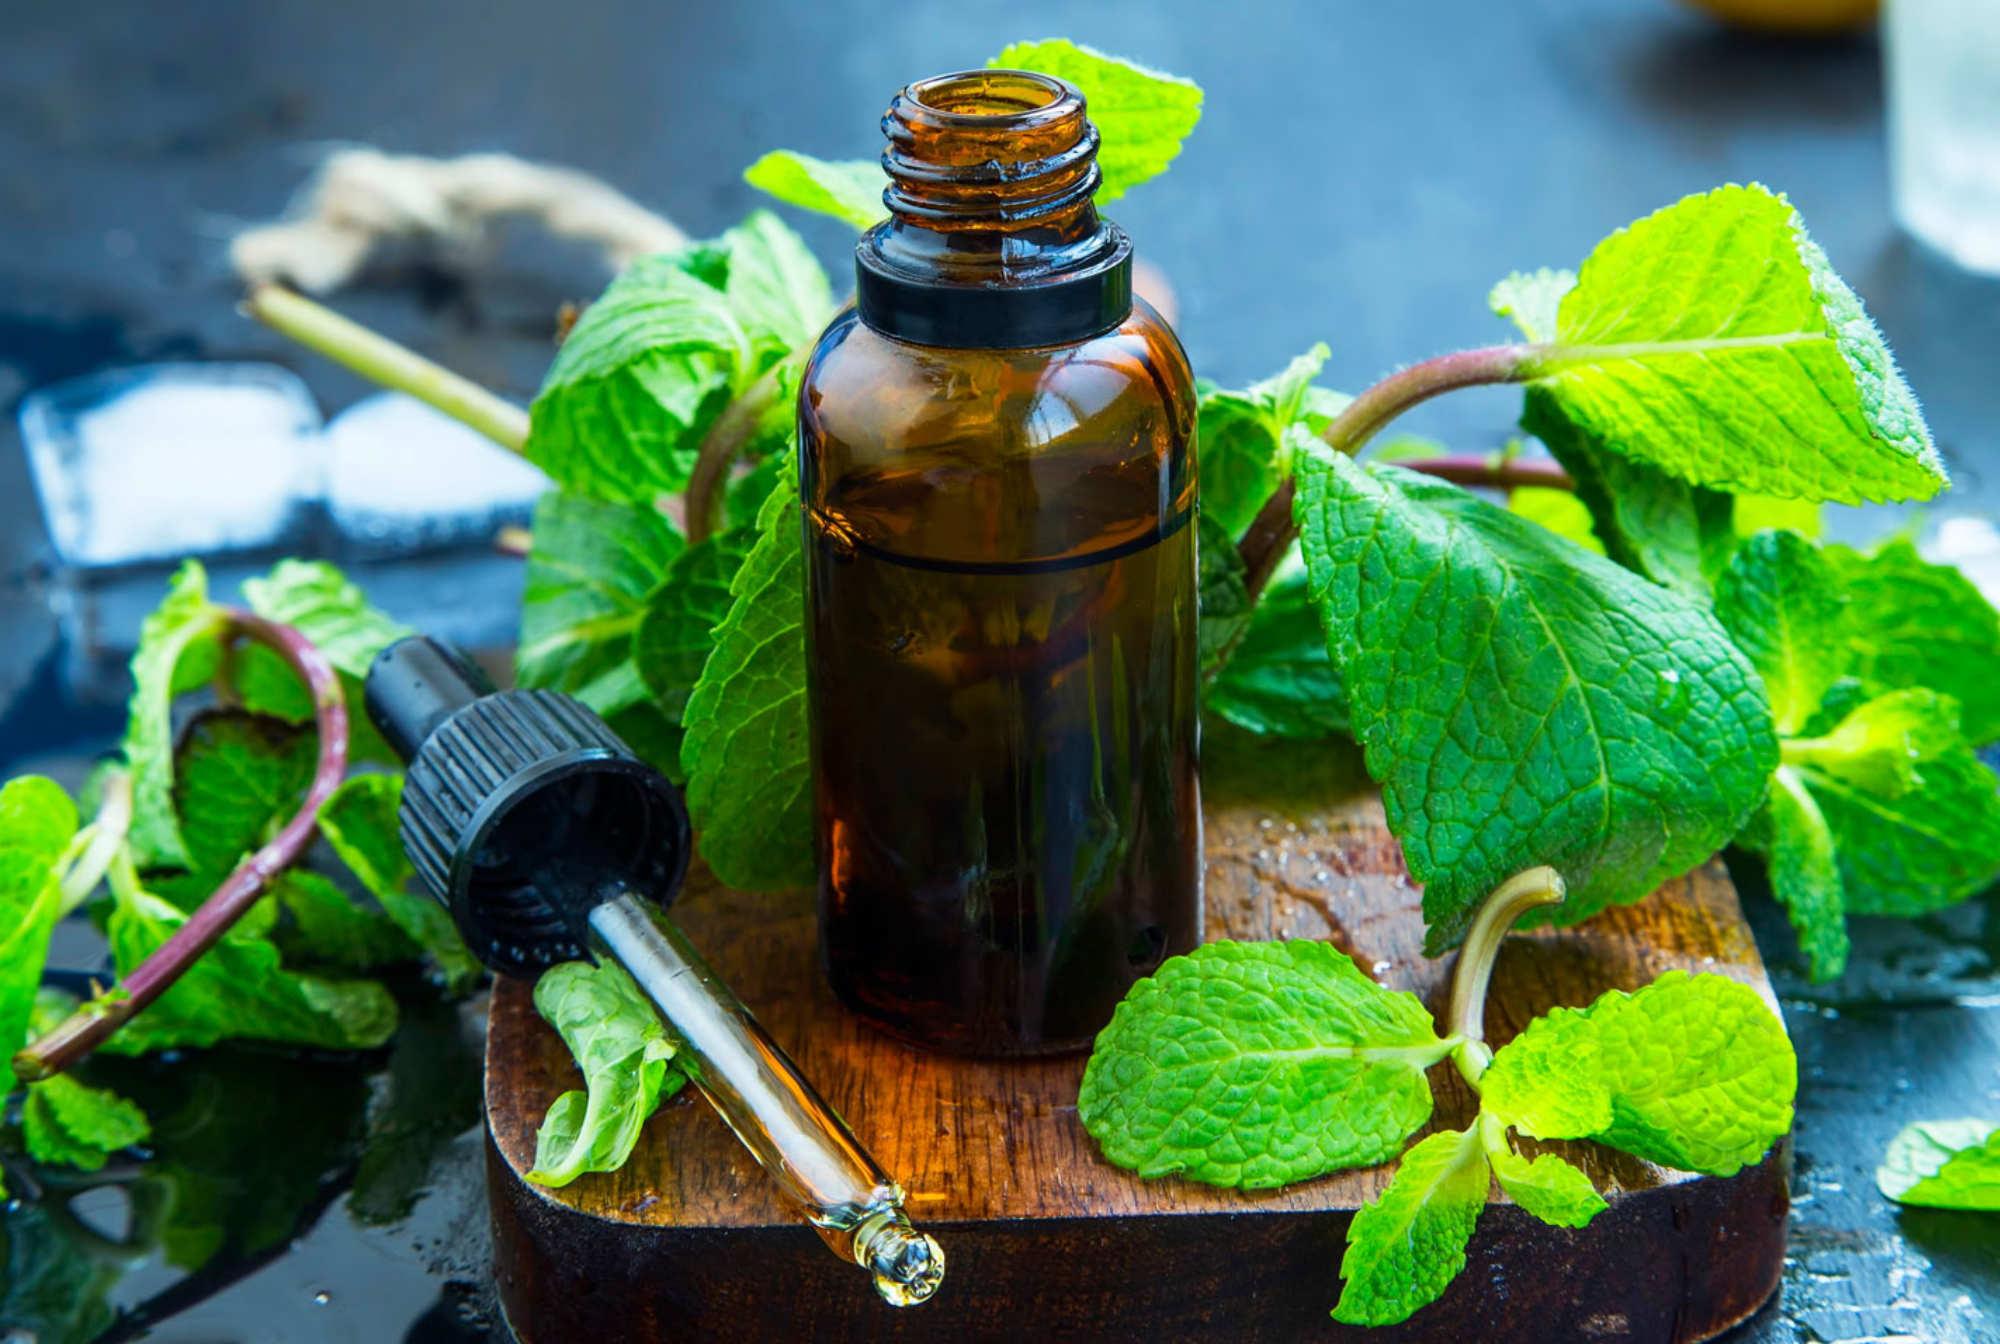 Les bienfaits de l'huile essentielle de menthe poivrée contre les troubles de la déglutition